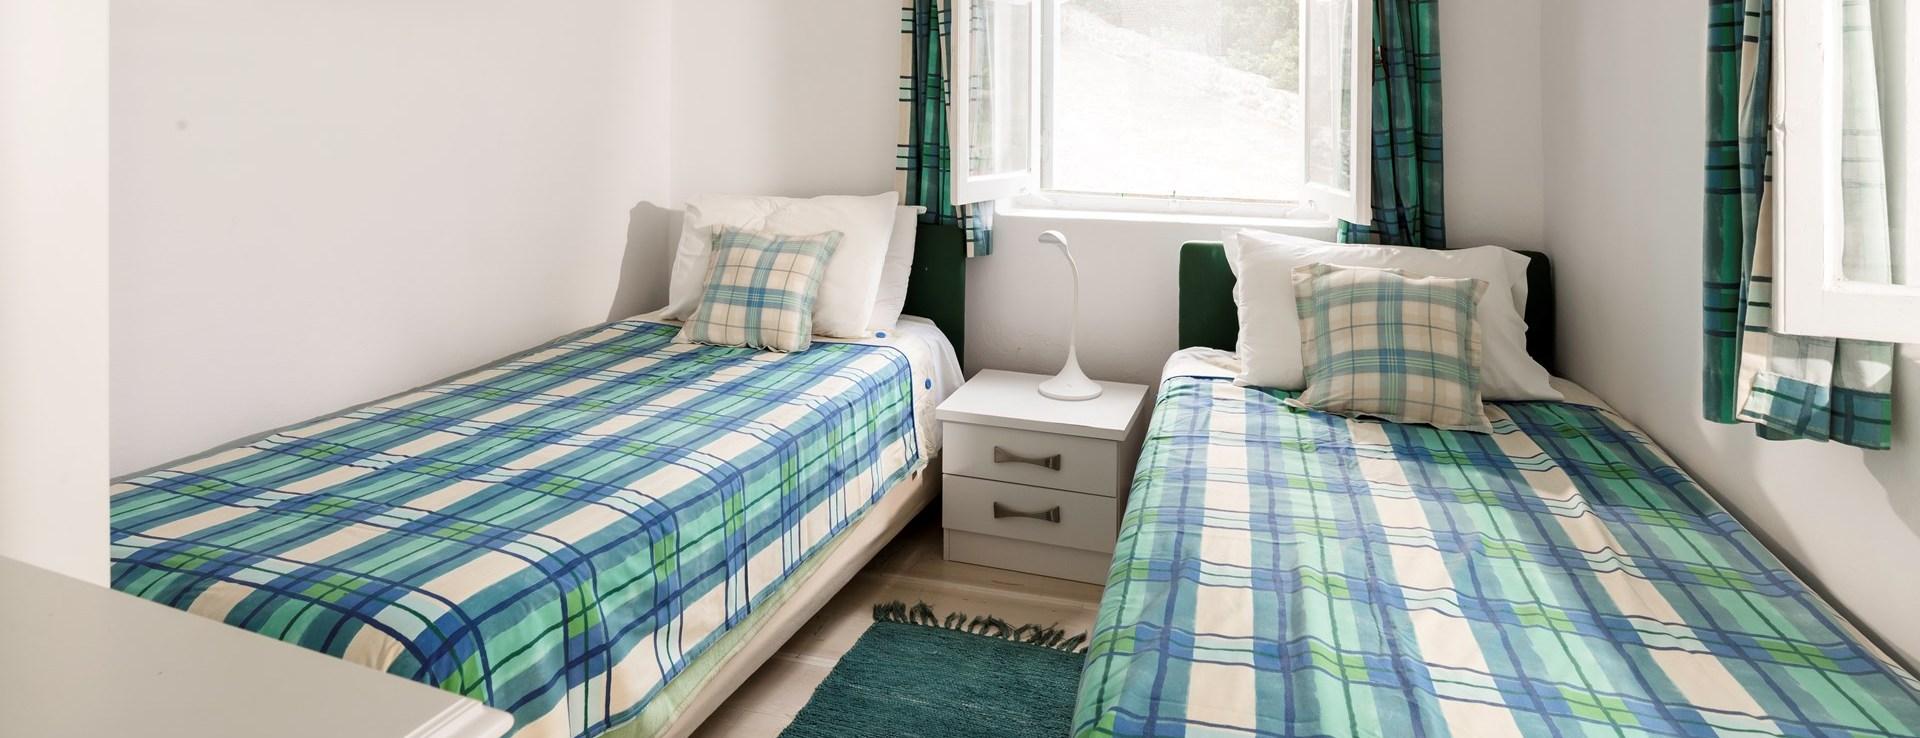 apraos-house-corfu-twin-bedroom